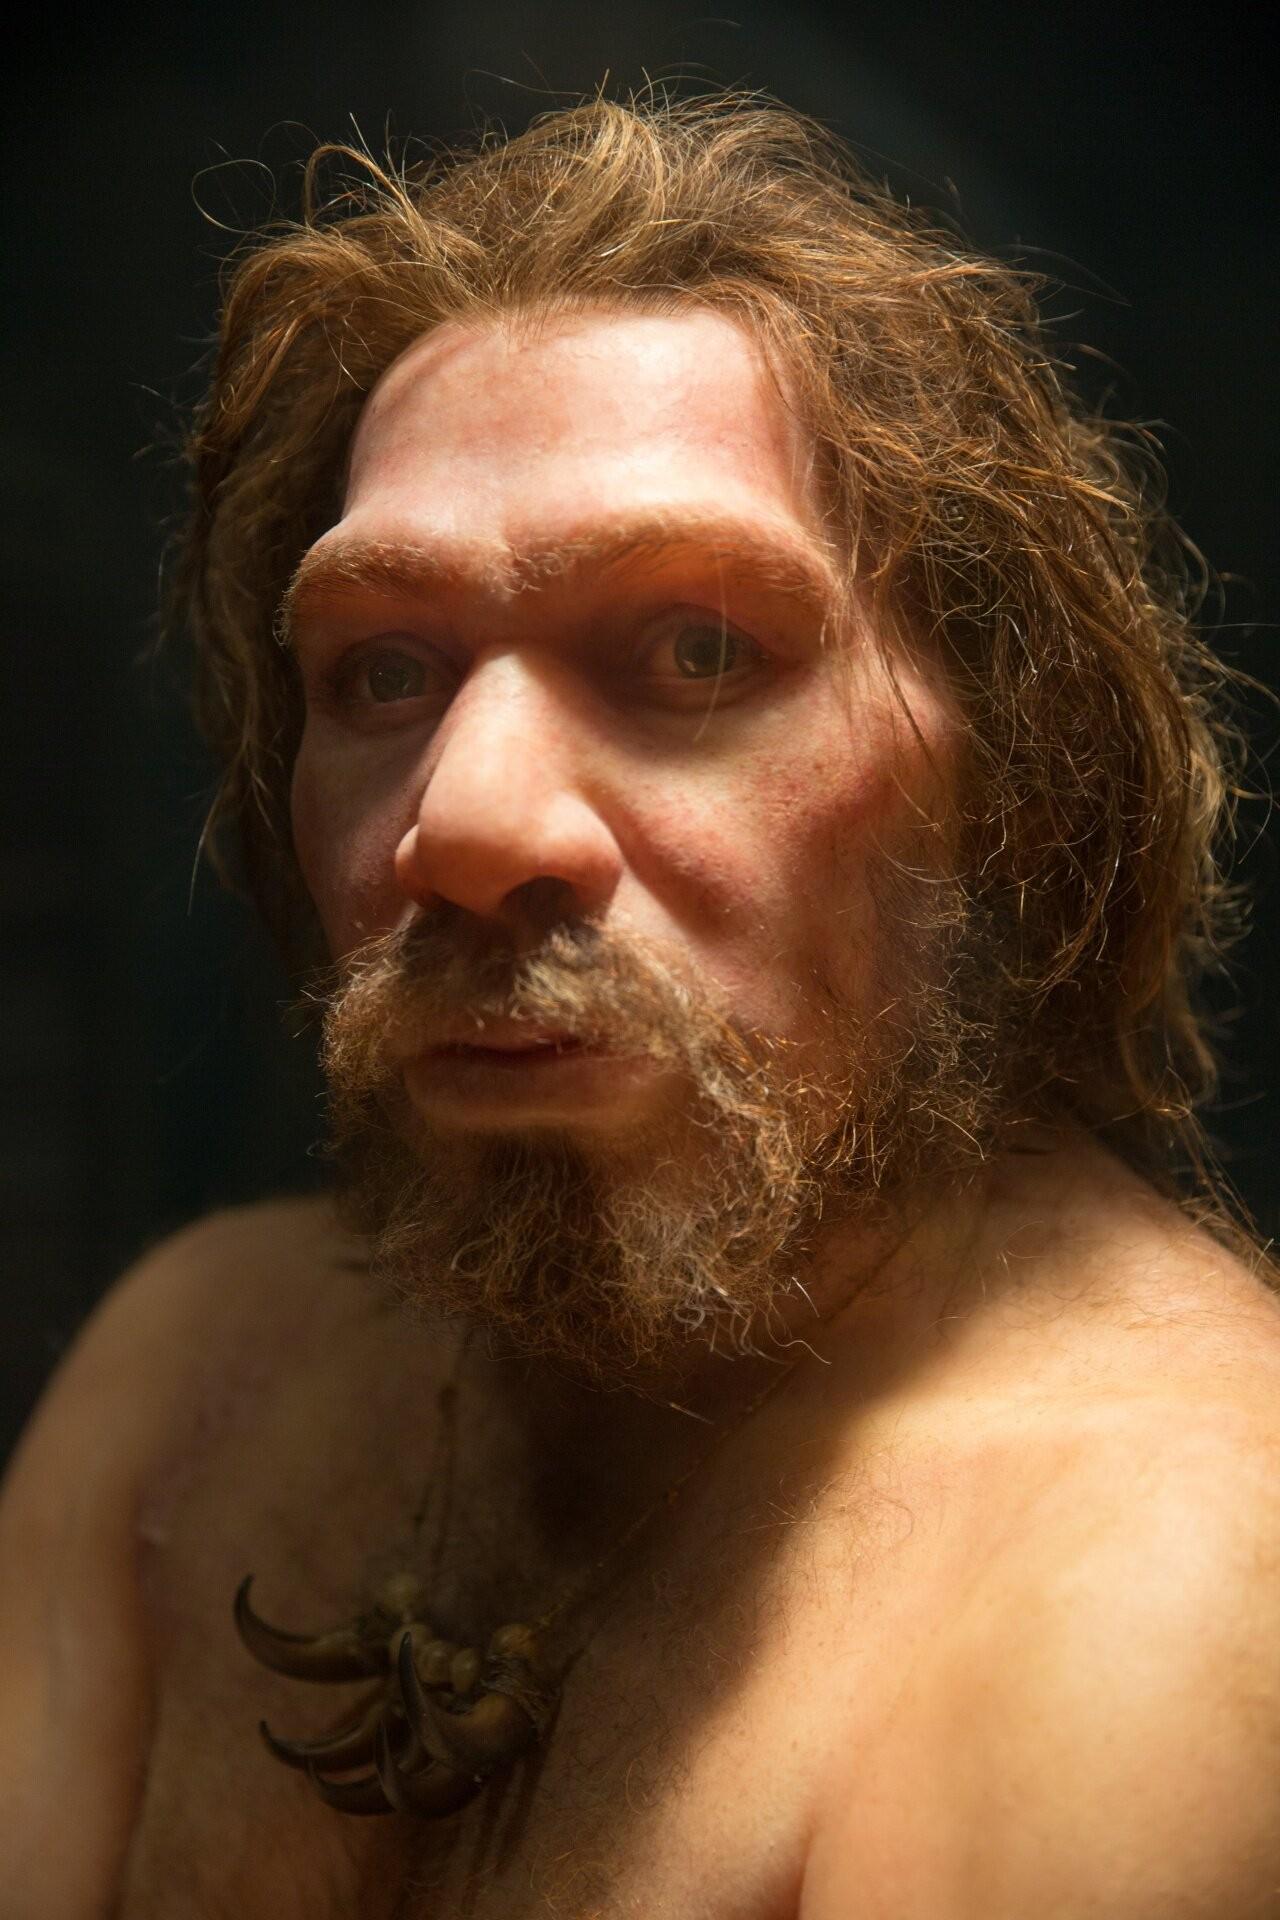 Laços sanguíneos próximos entre indivíduos e mudanças demográficas podem ter causado a extinção dos neandertais (Foto: Petr Kratochvil/ Creative Commons )